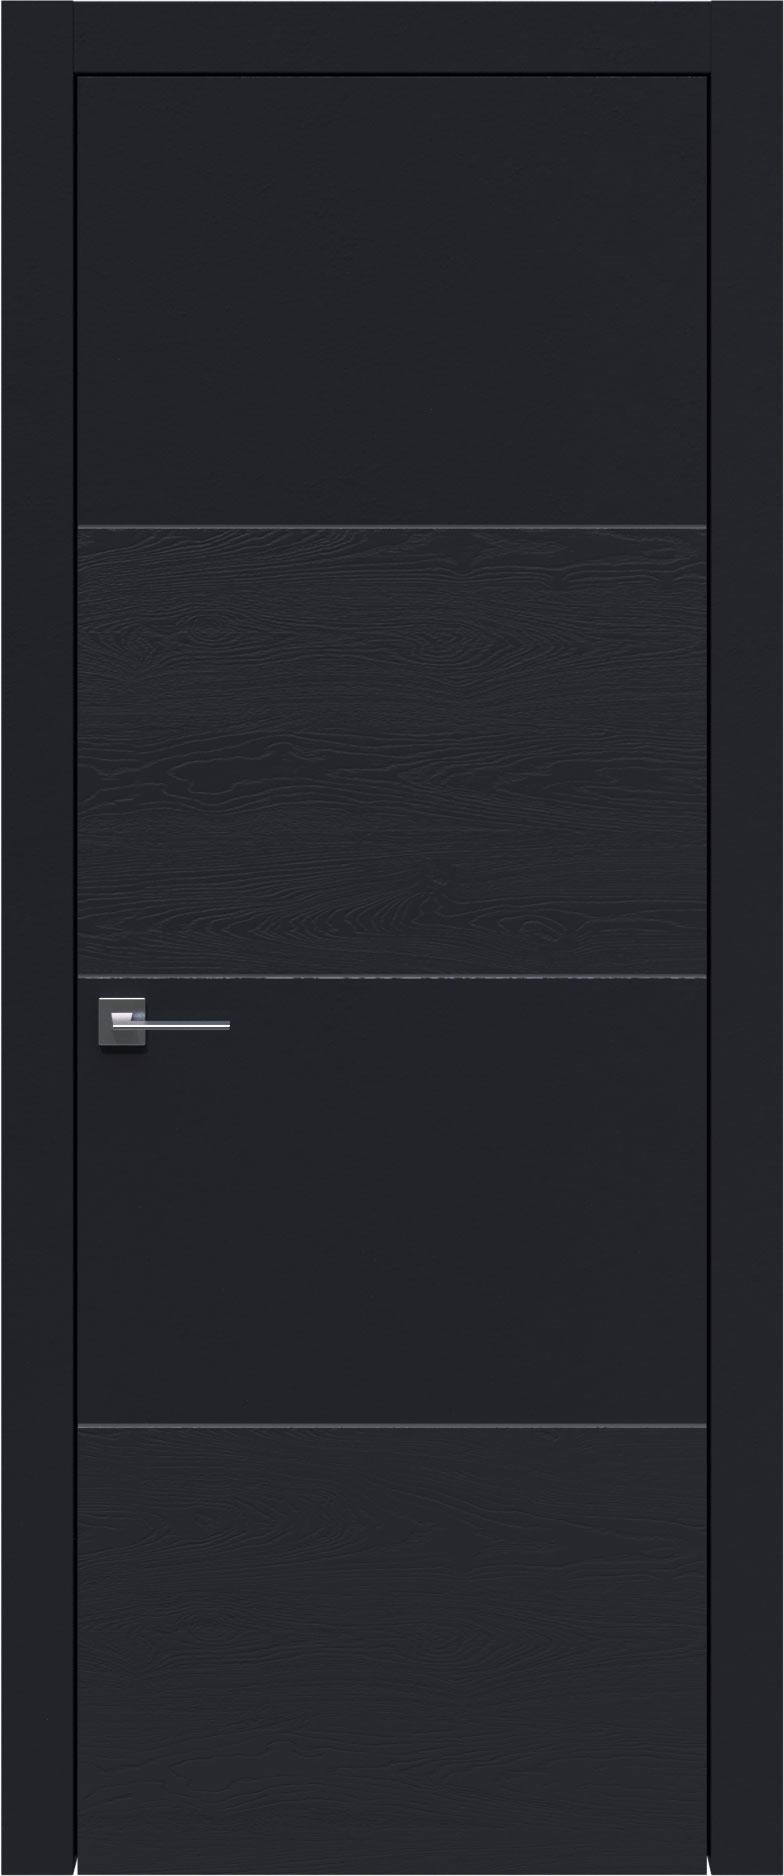 Tivoli Г-2 цвет - Черная эмаль-эмаль по шпону (RAL 9004) Без стекла (ДГ)